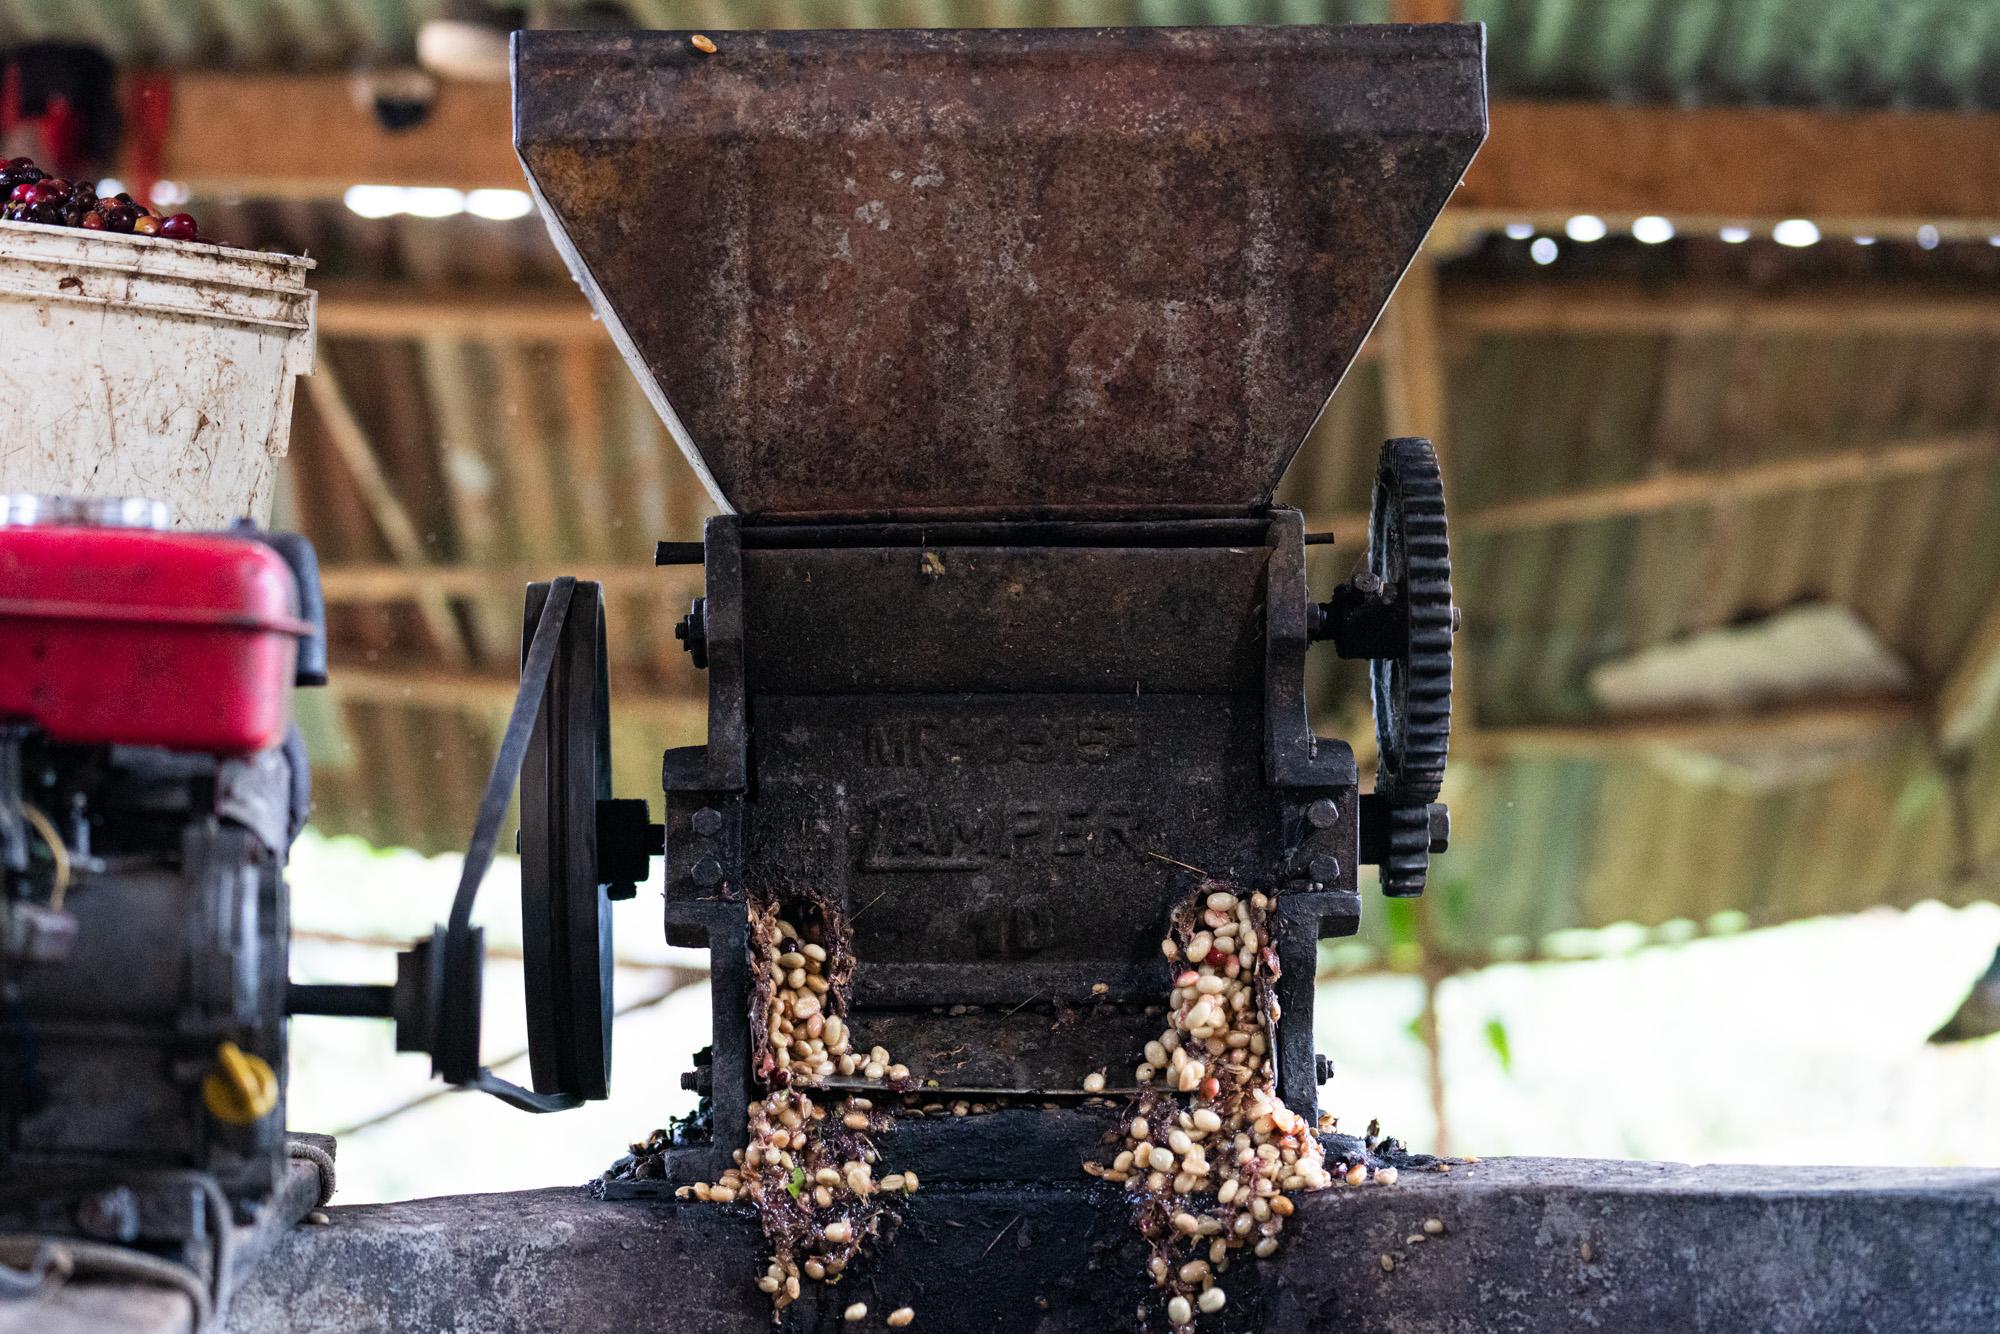 Cafe_Imports_Peru-1-9